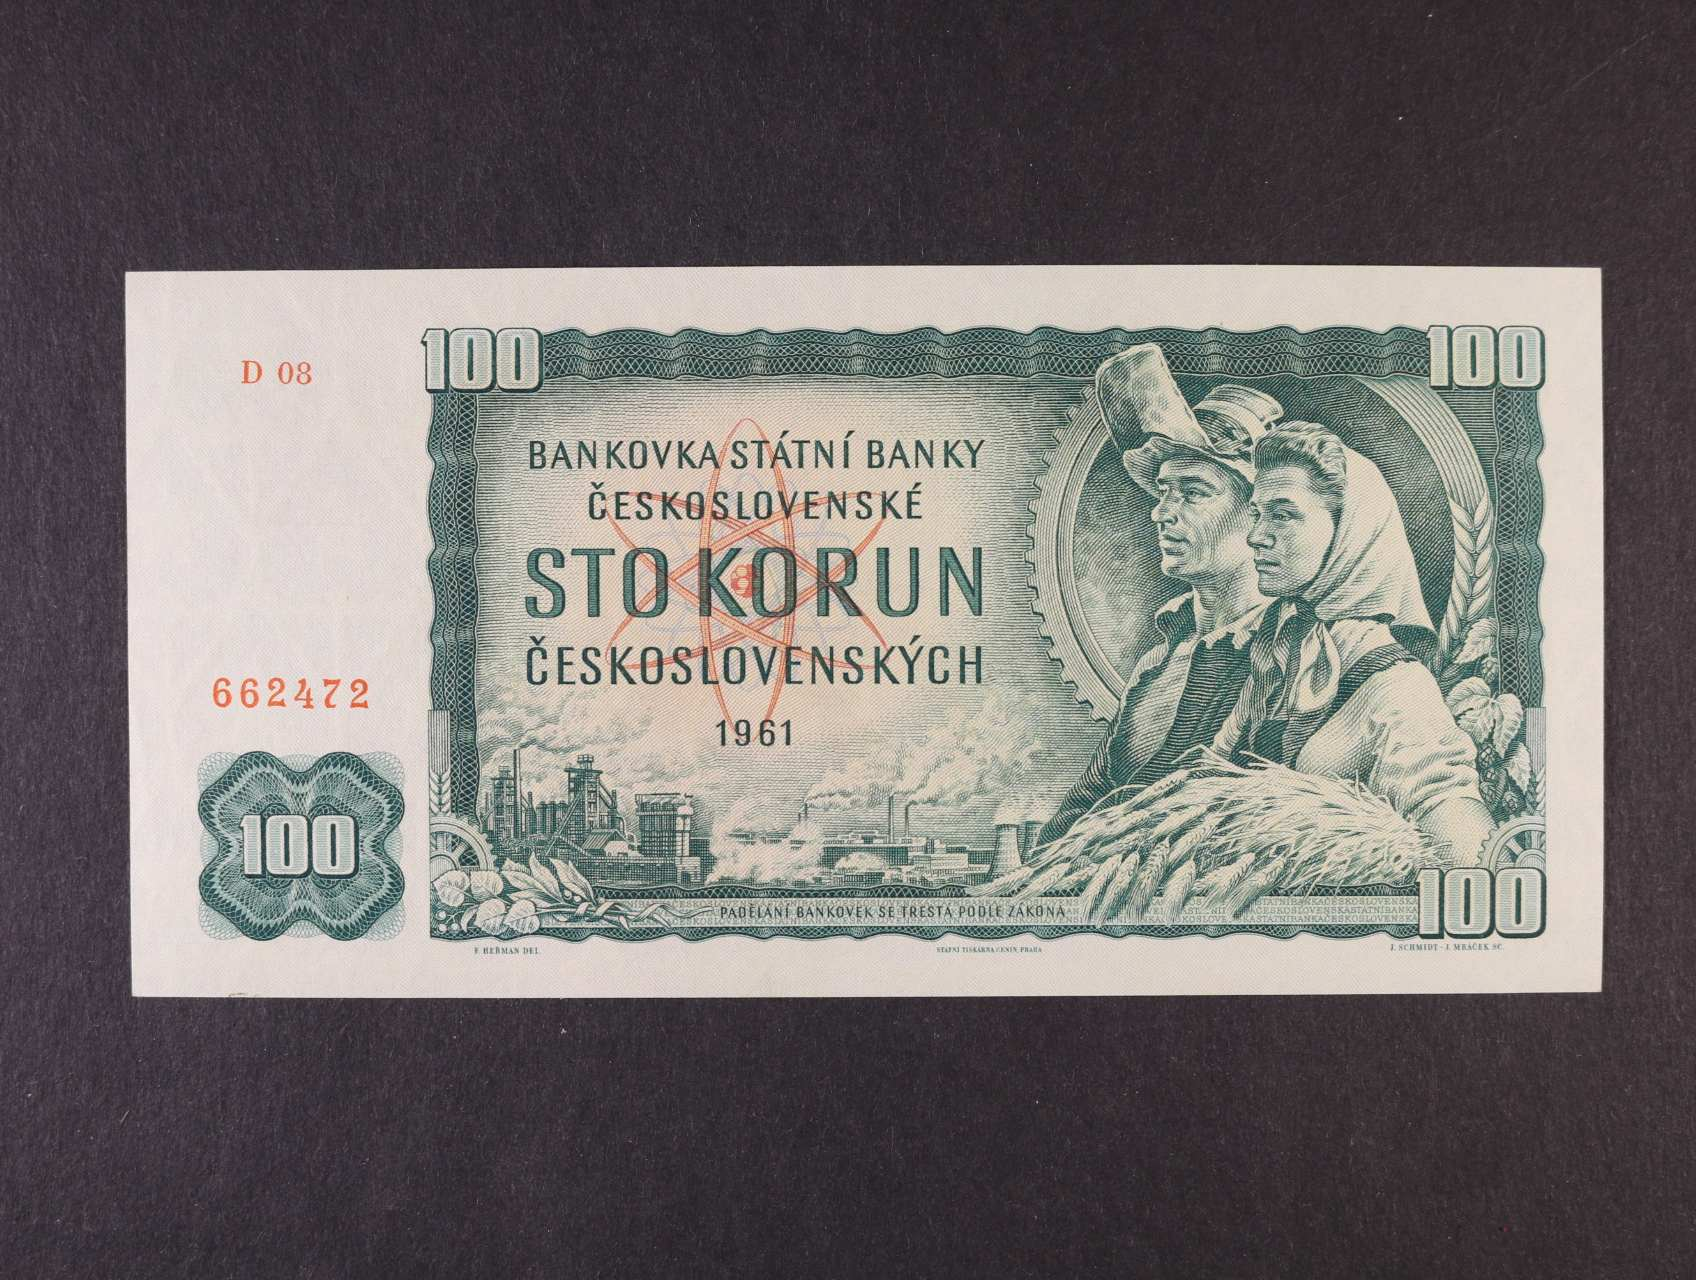 100 Kčs 1961 série D 08, vodoznaková výztuž na líci bankovky, Ba. 98a2, Pi. 91